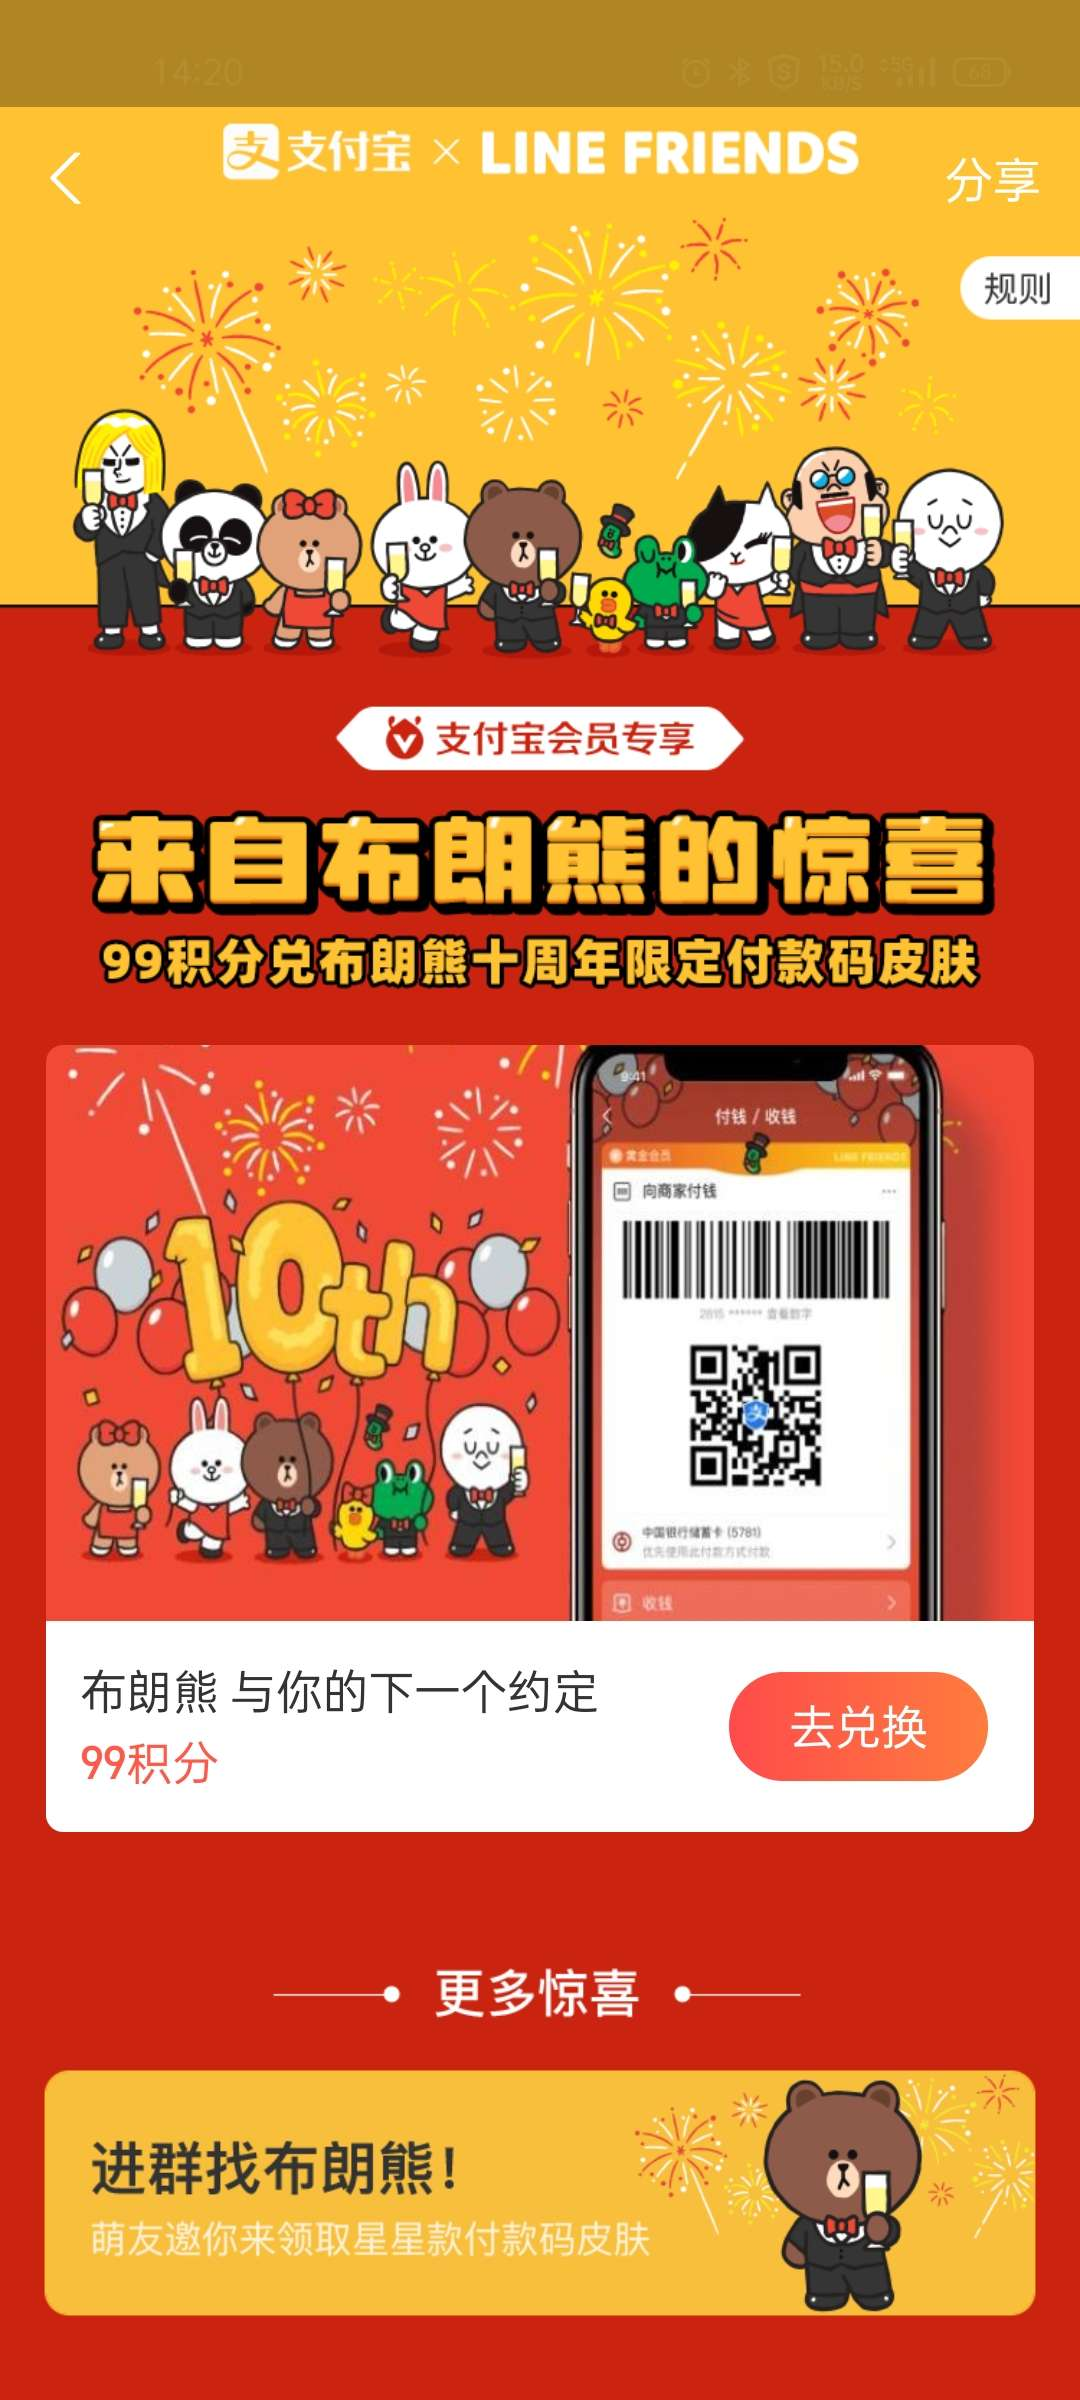 【虚拟物品】支付宝99分对布朗熊十周年支付代码皮肤插图